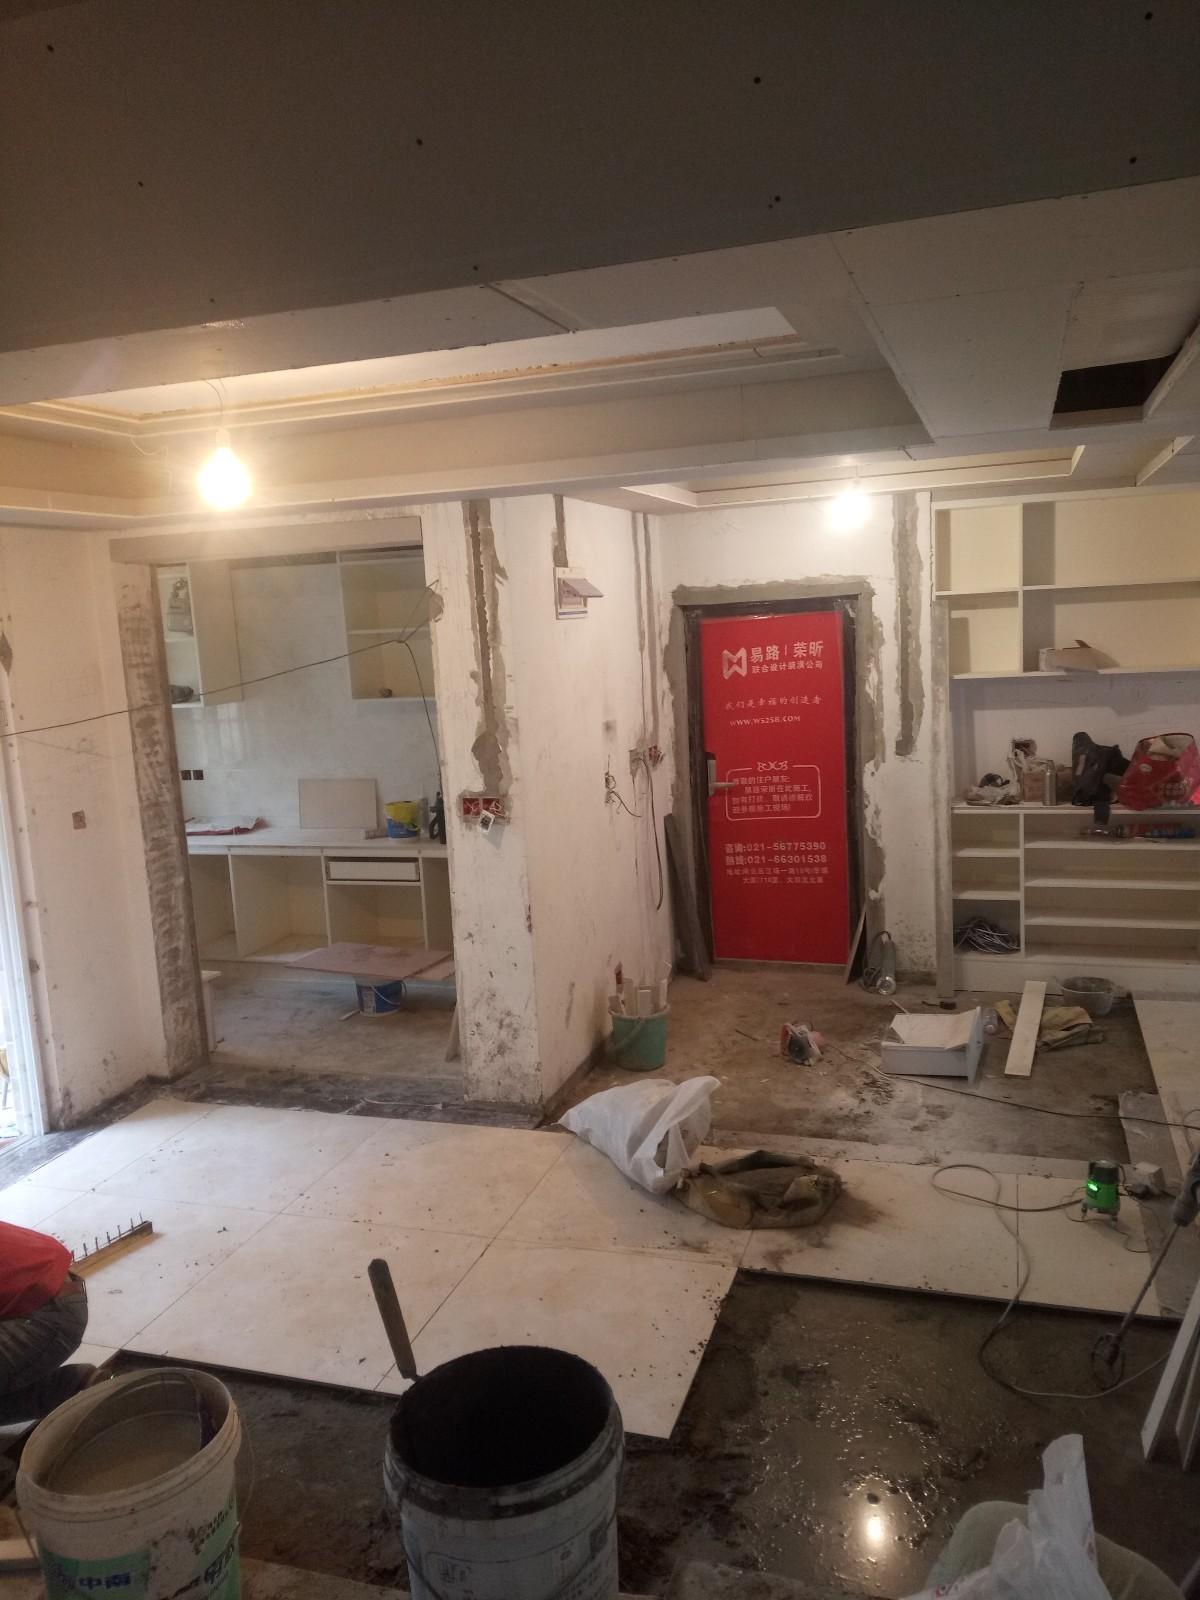 室内装修的工程量是很大的,所以作为业主,对于室内装修施工的一些情况